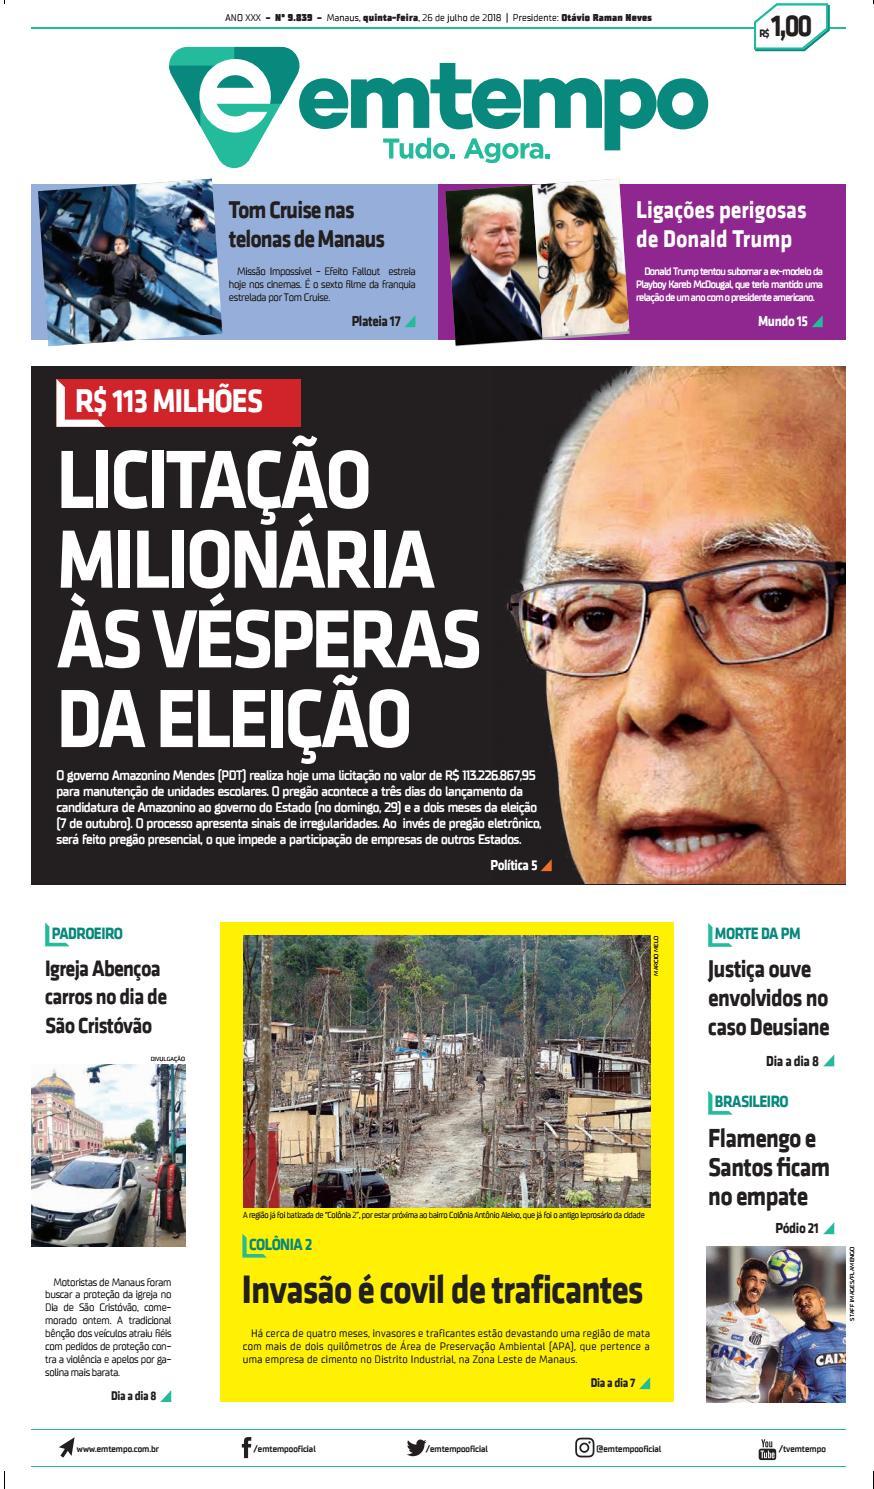 Em Tempo - 26 de Julho de 2018 by Amazonas Em Tempo - issuu 6541fd523f